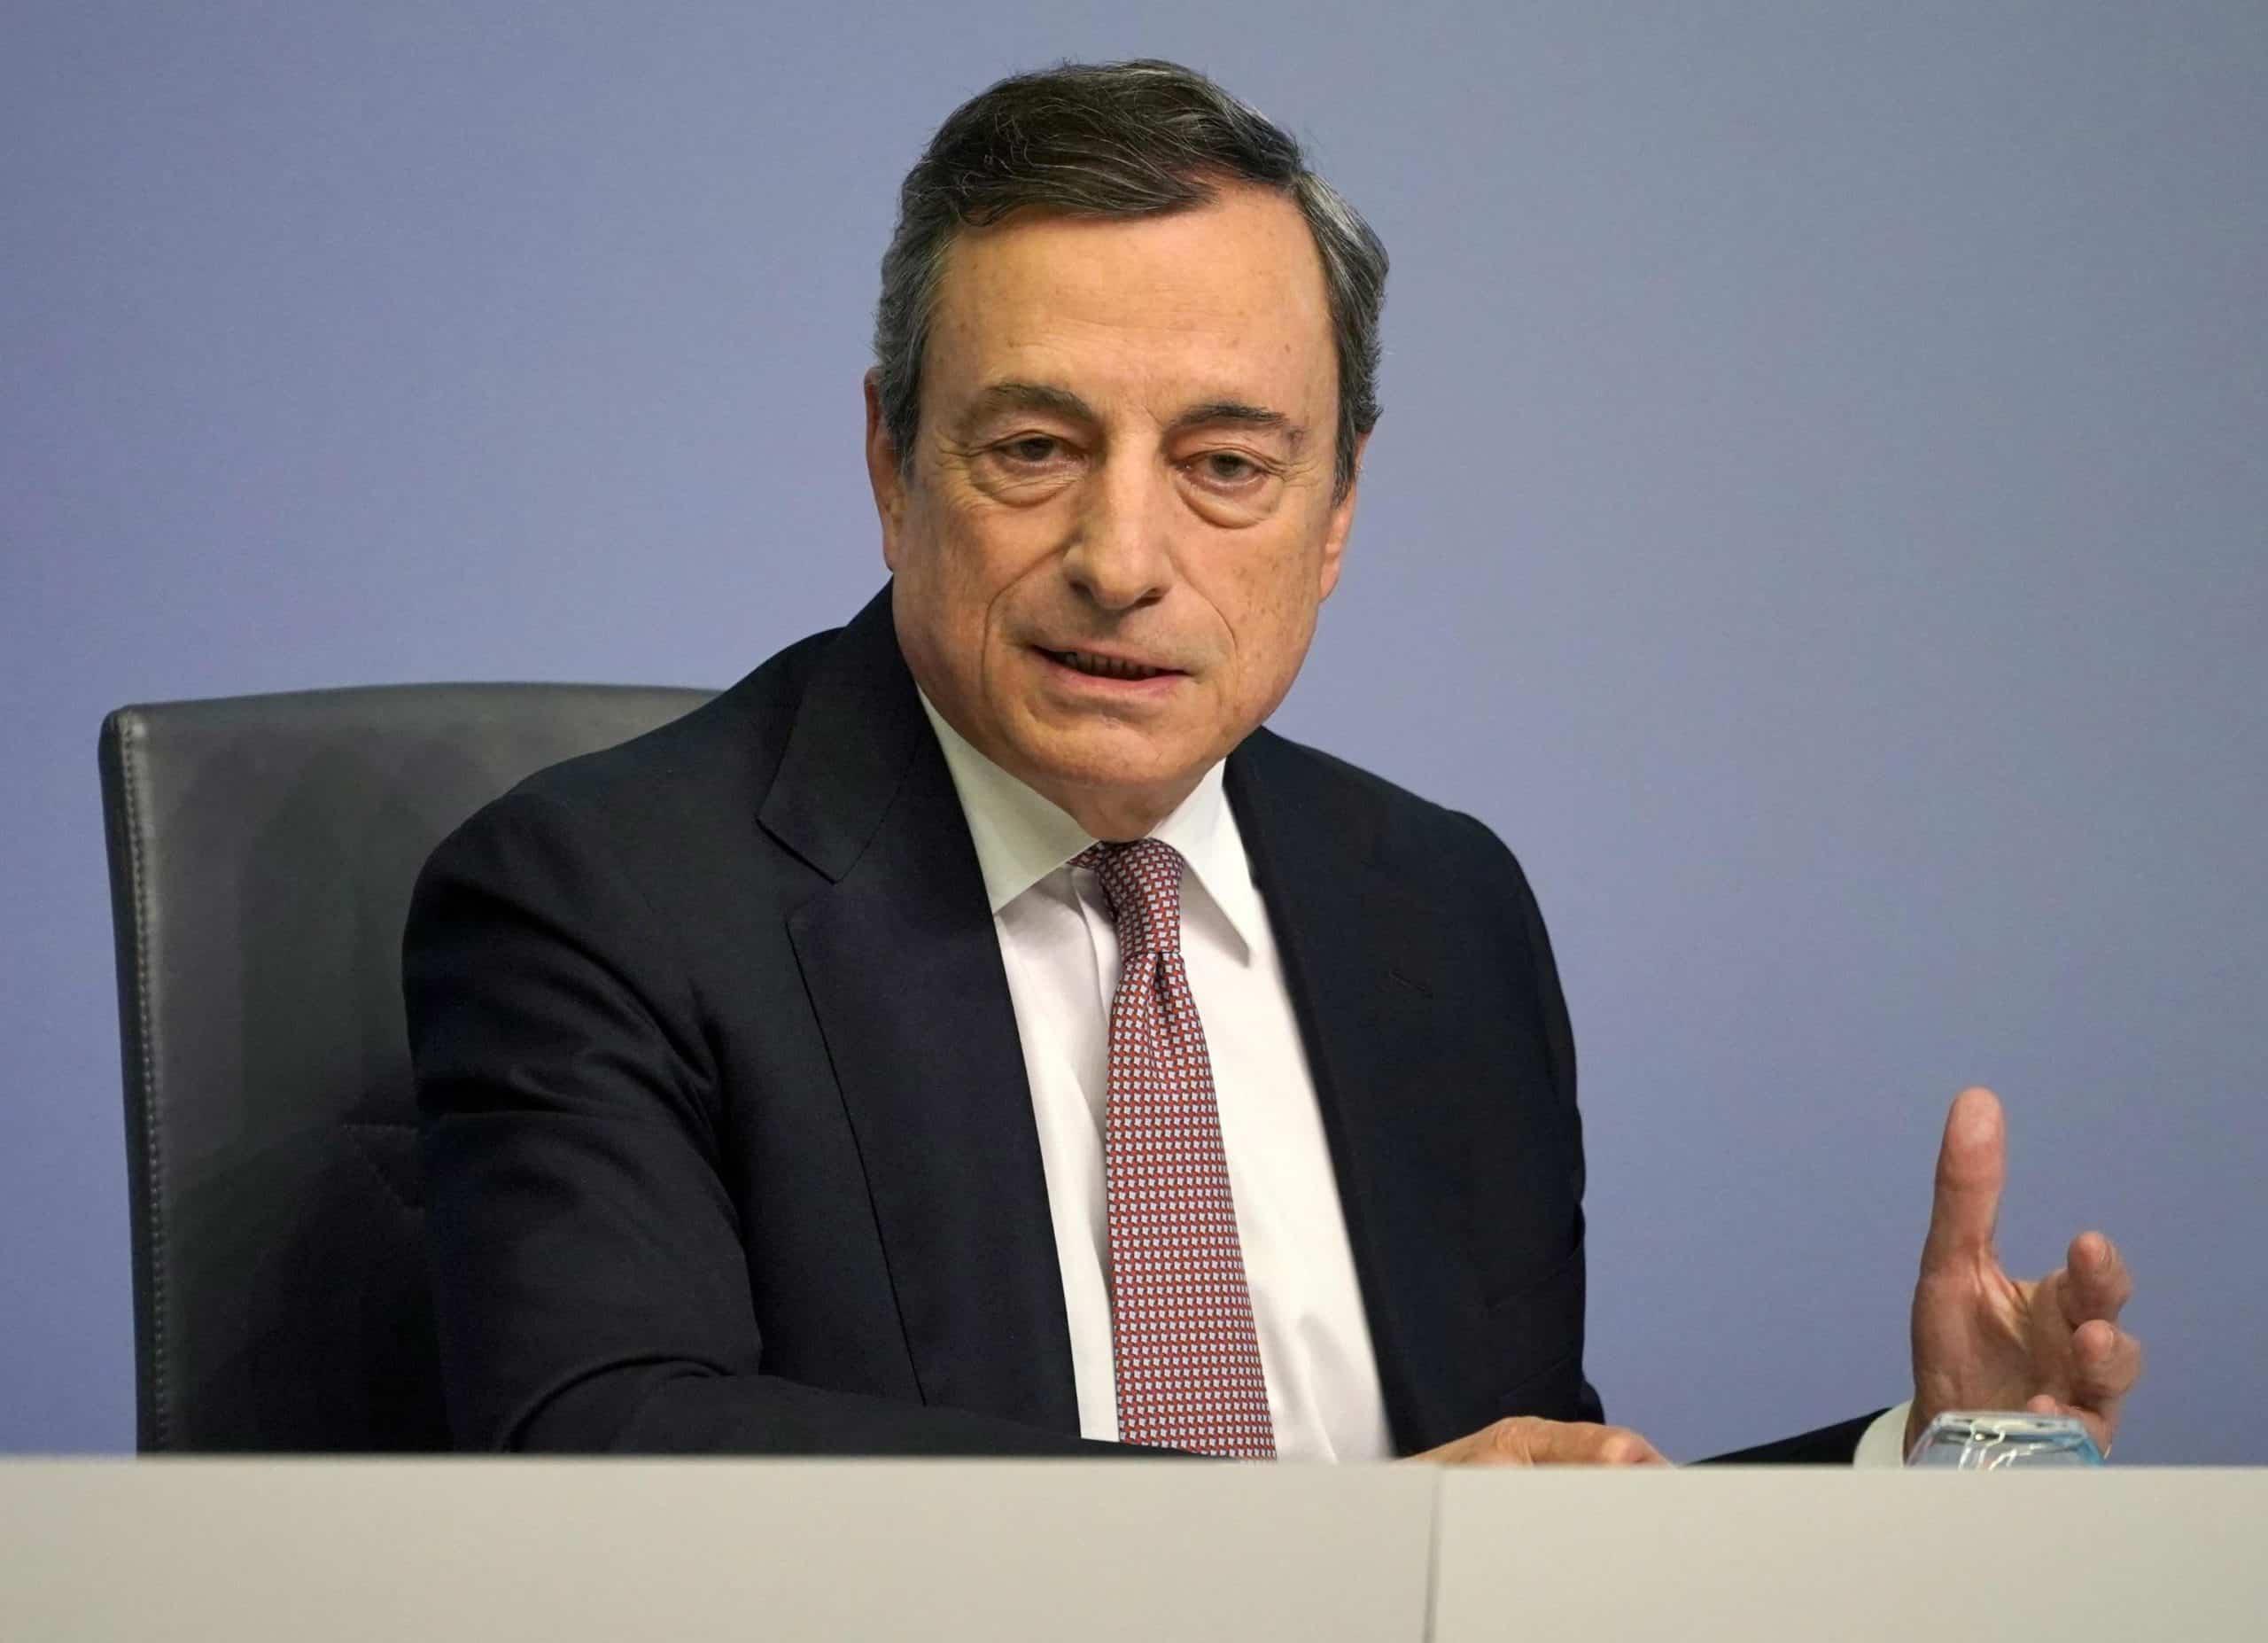 """Coronavirus, Mario Draghi: """" Una tragedia di proporzioni bibliche, immettere subito liquidità nel sistema """""""